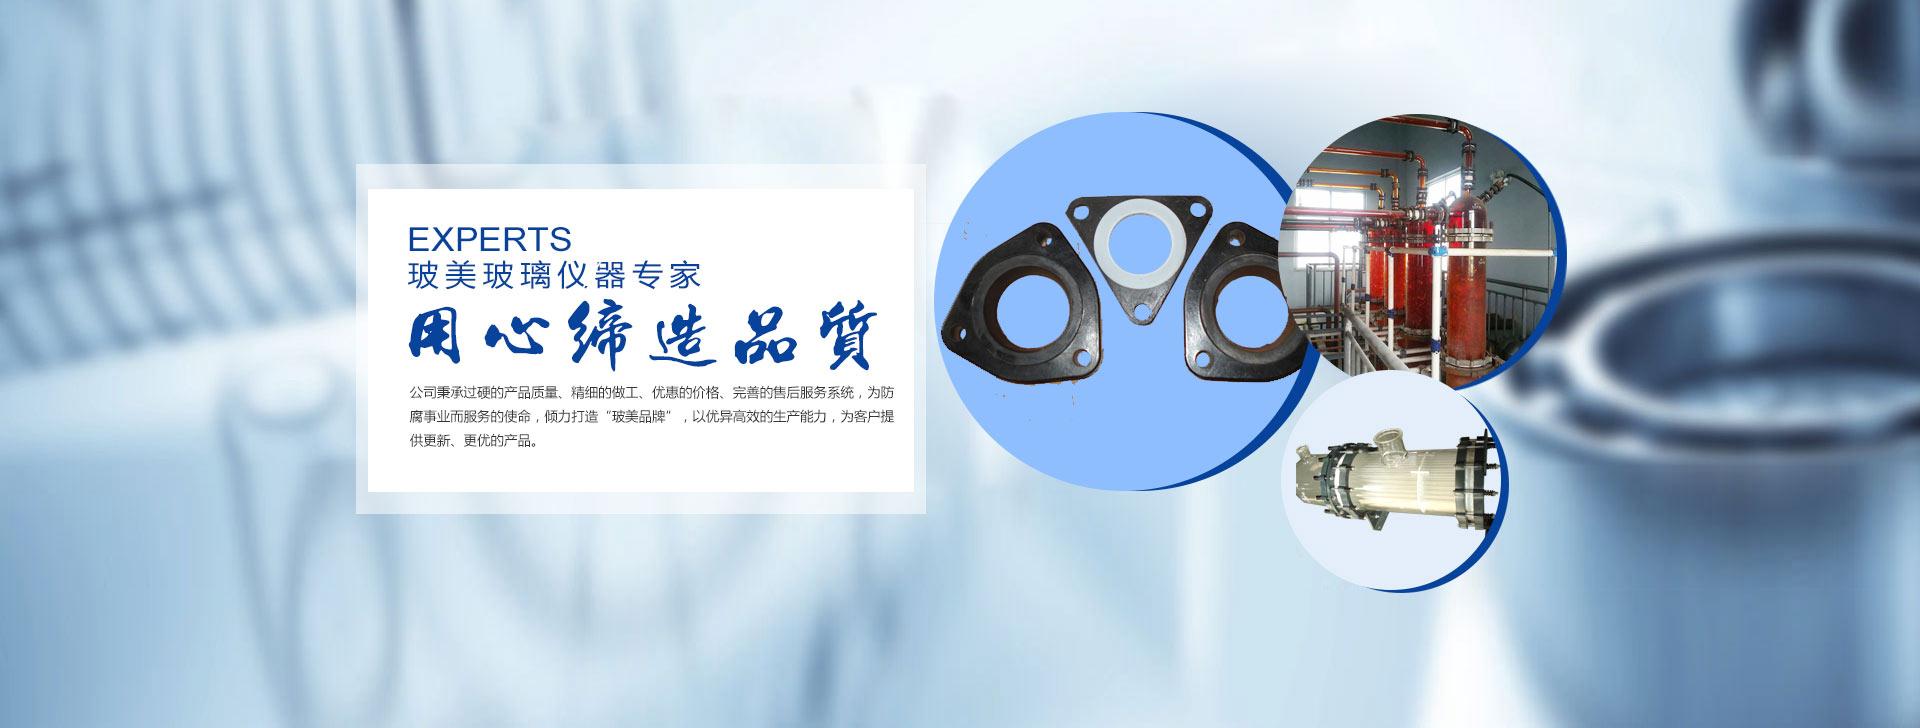 潍坊玻美玻璃仪器有限公司